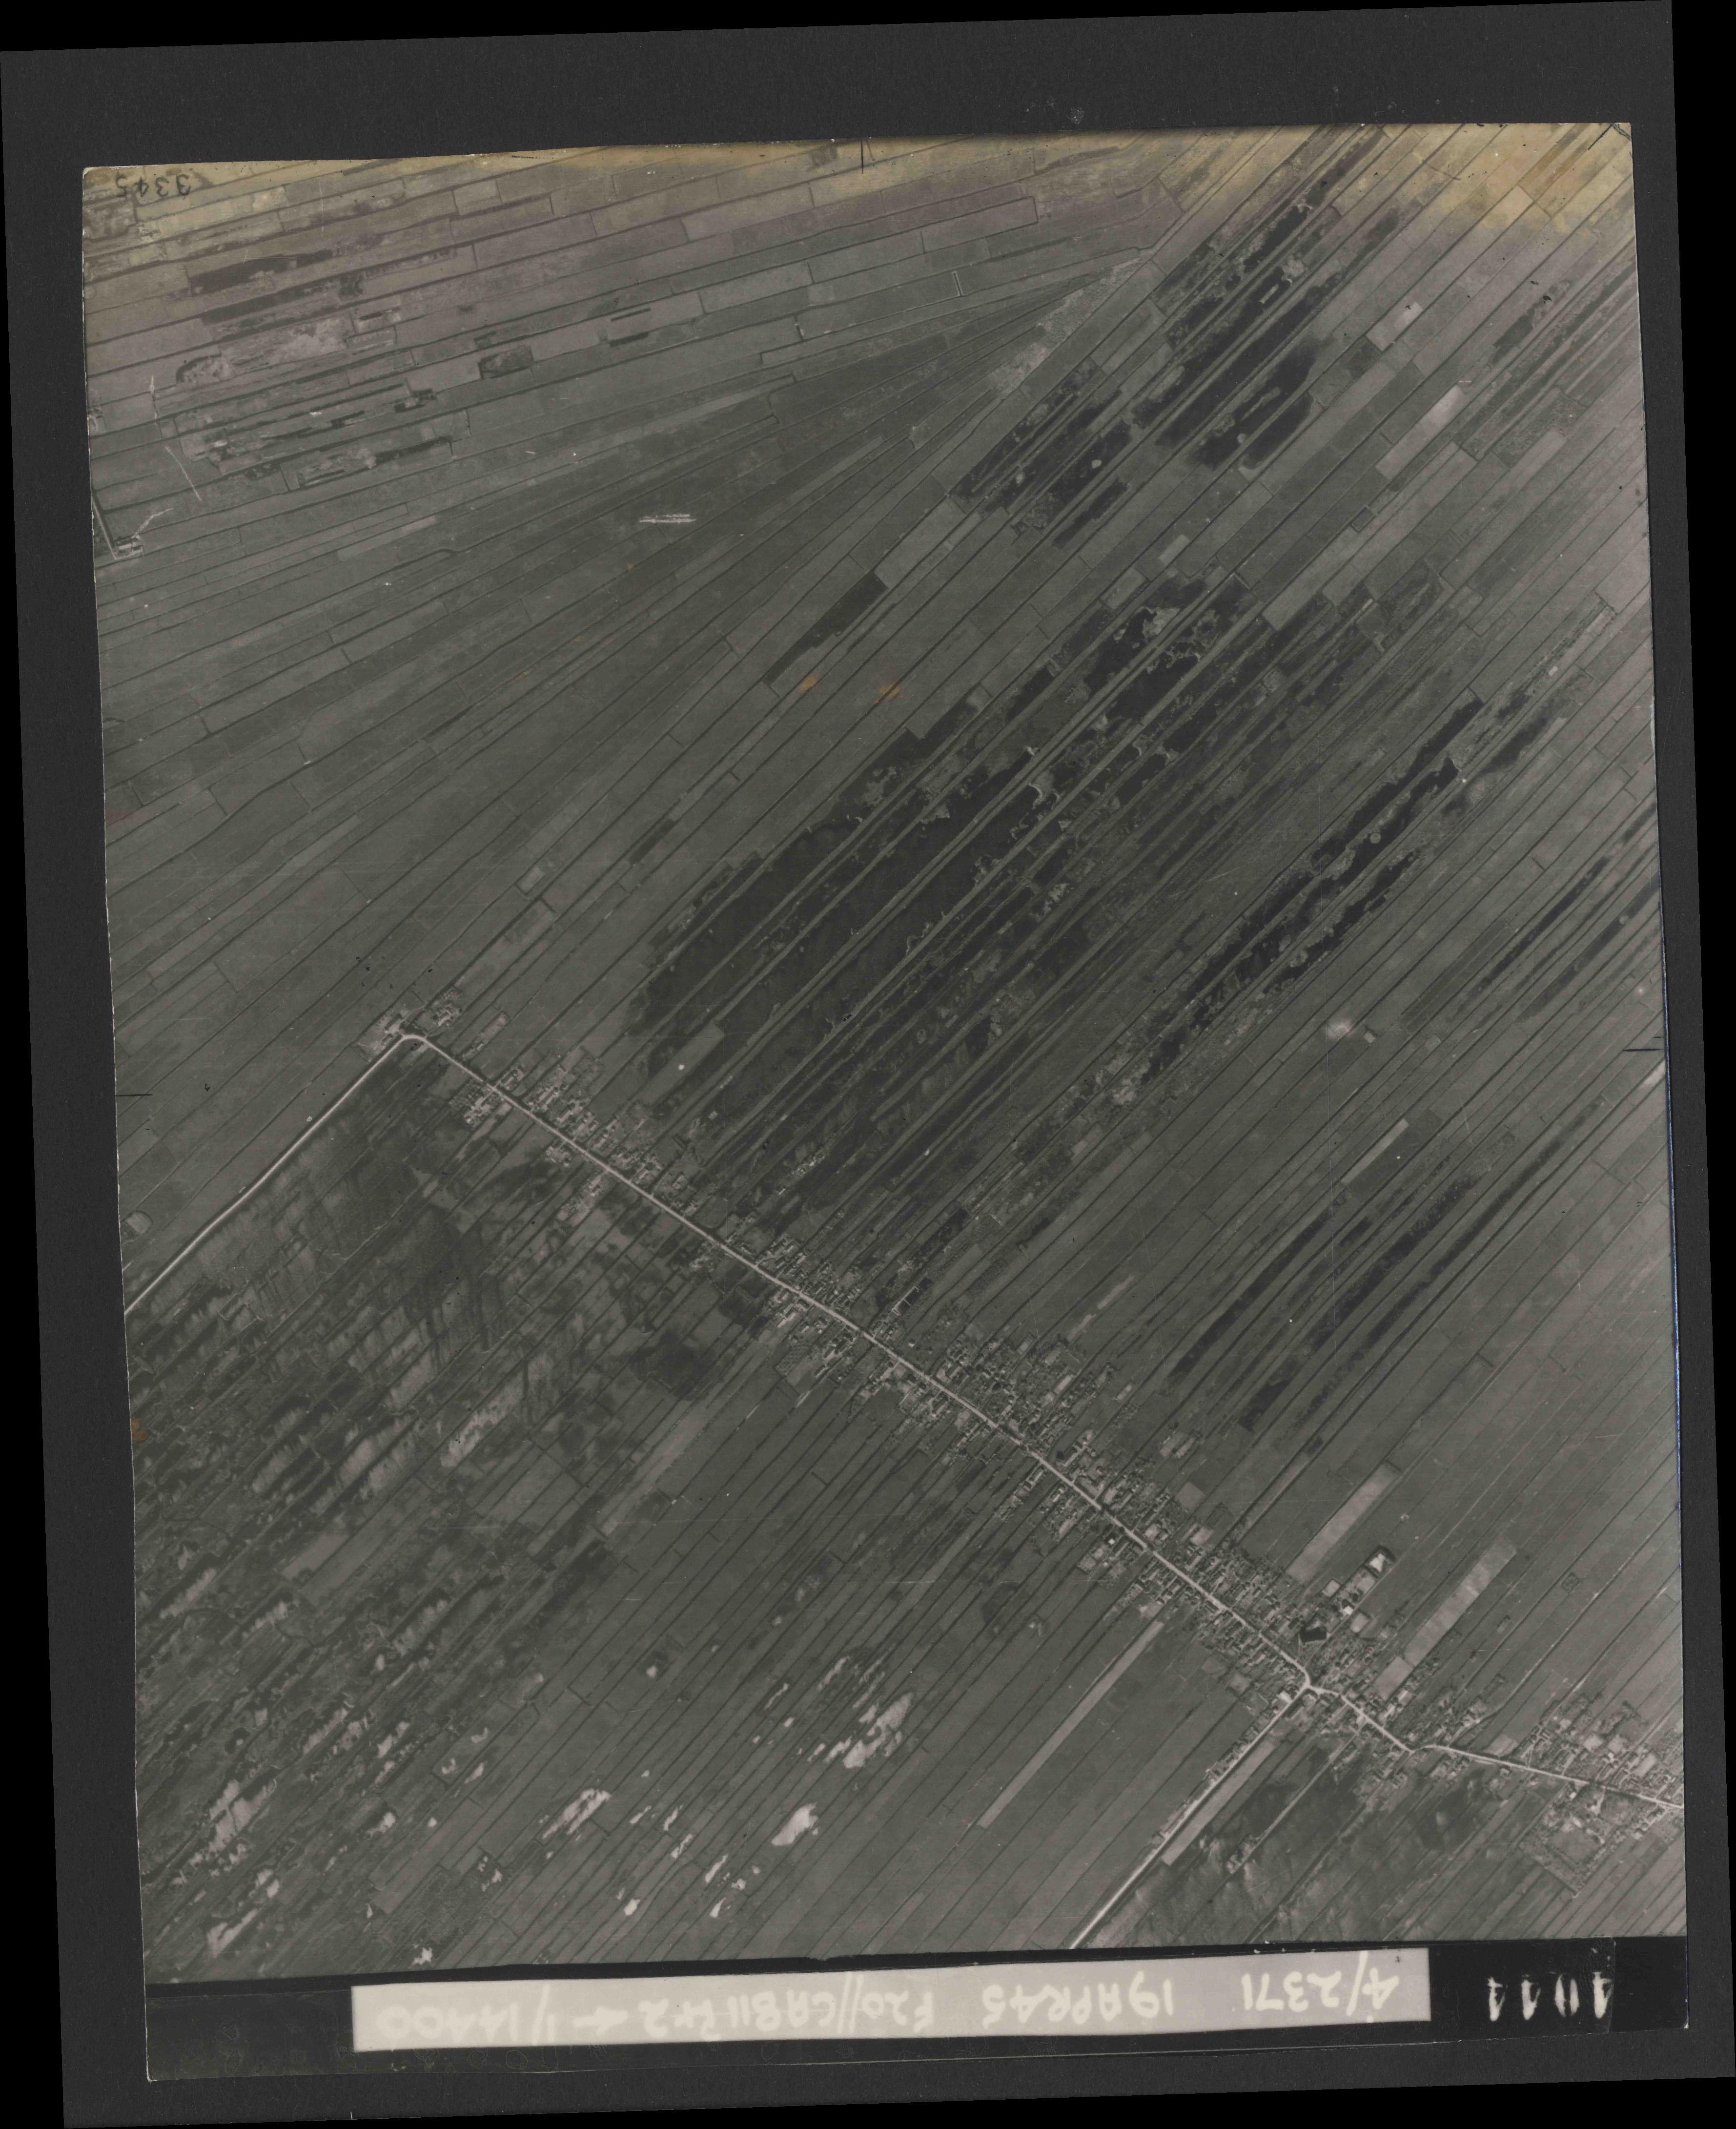 Collection RAF aerial photos 1940-1945 - flight 305, run 04, photo 4044